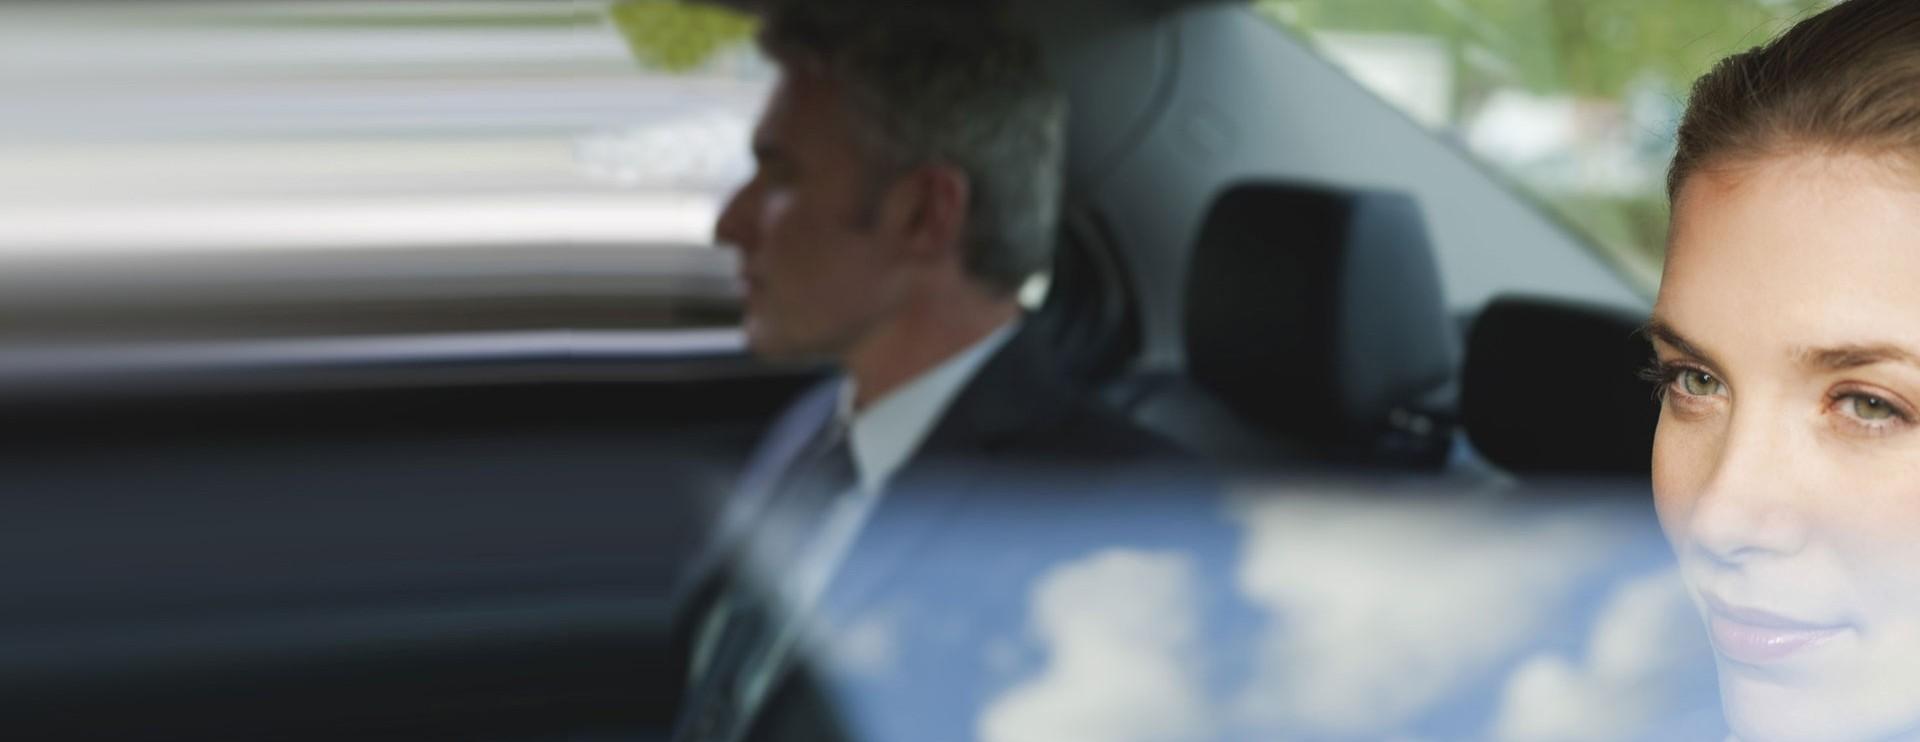 Colleghi in viaggio in auto